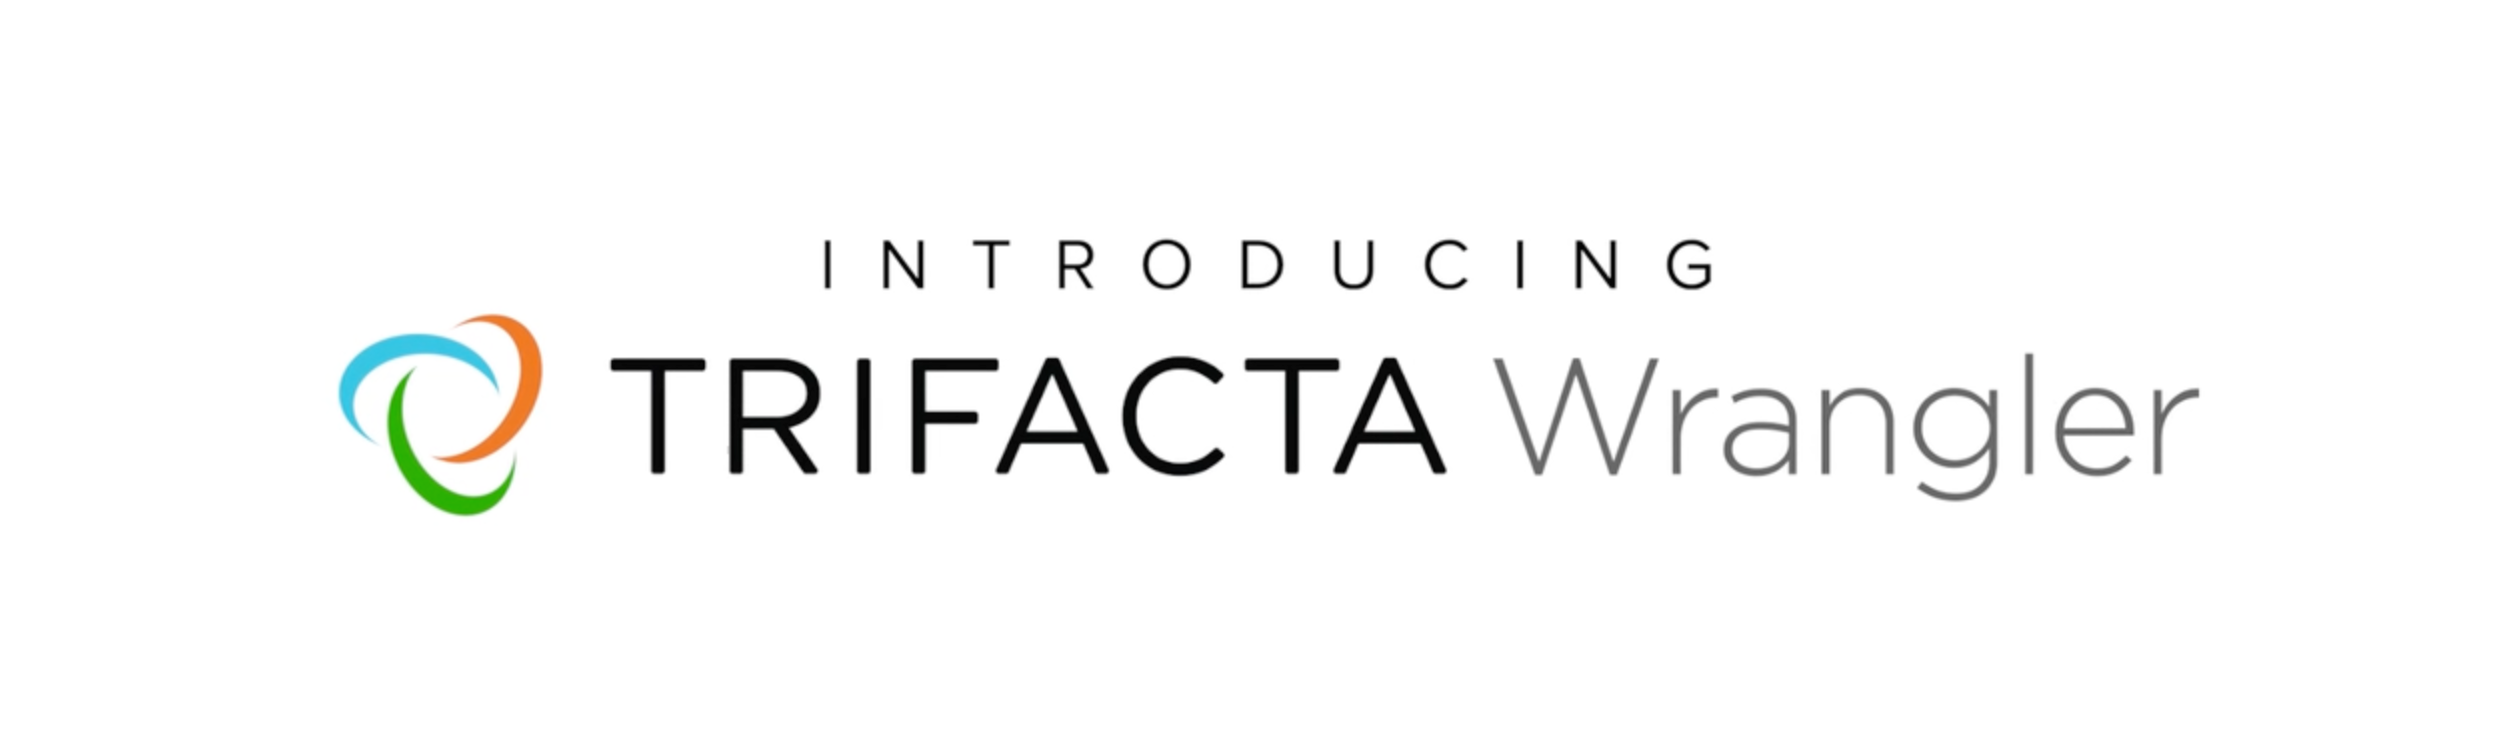 Introducing Trifacta Wrangler_2